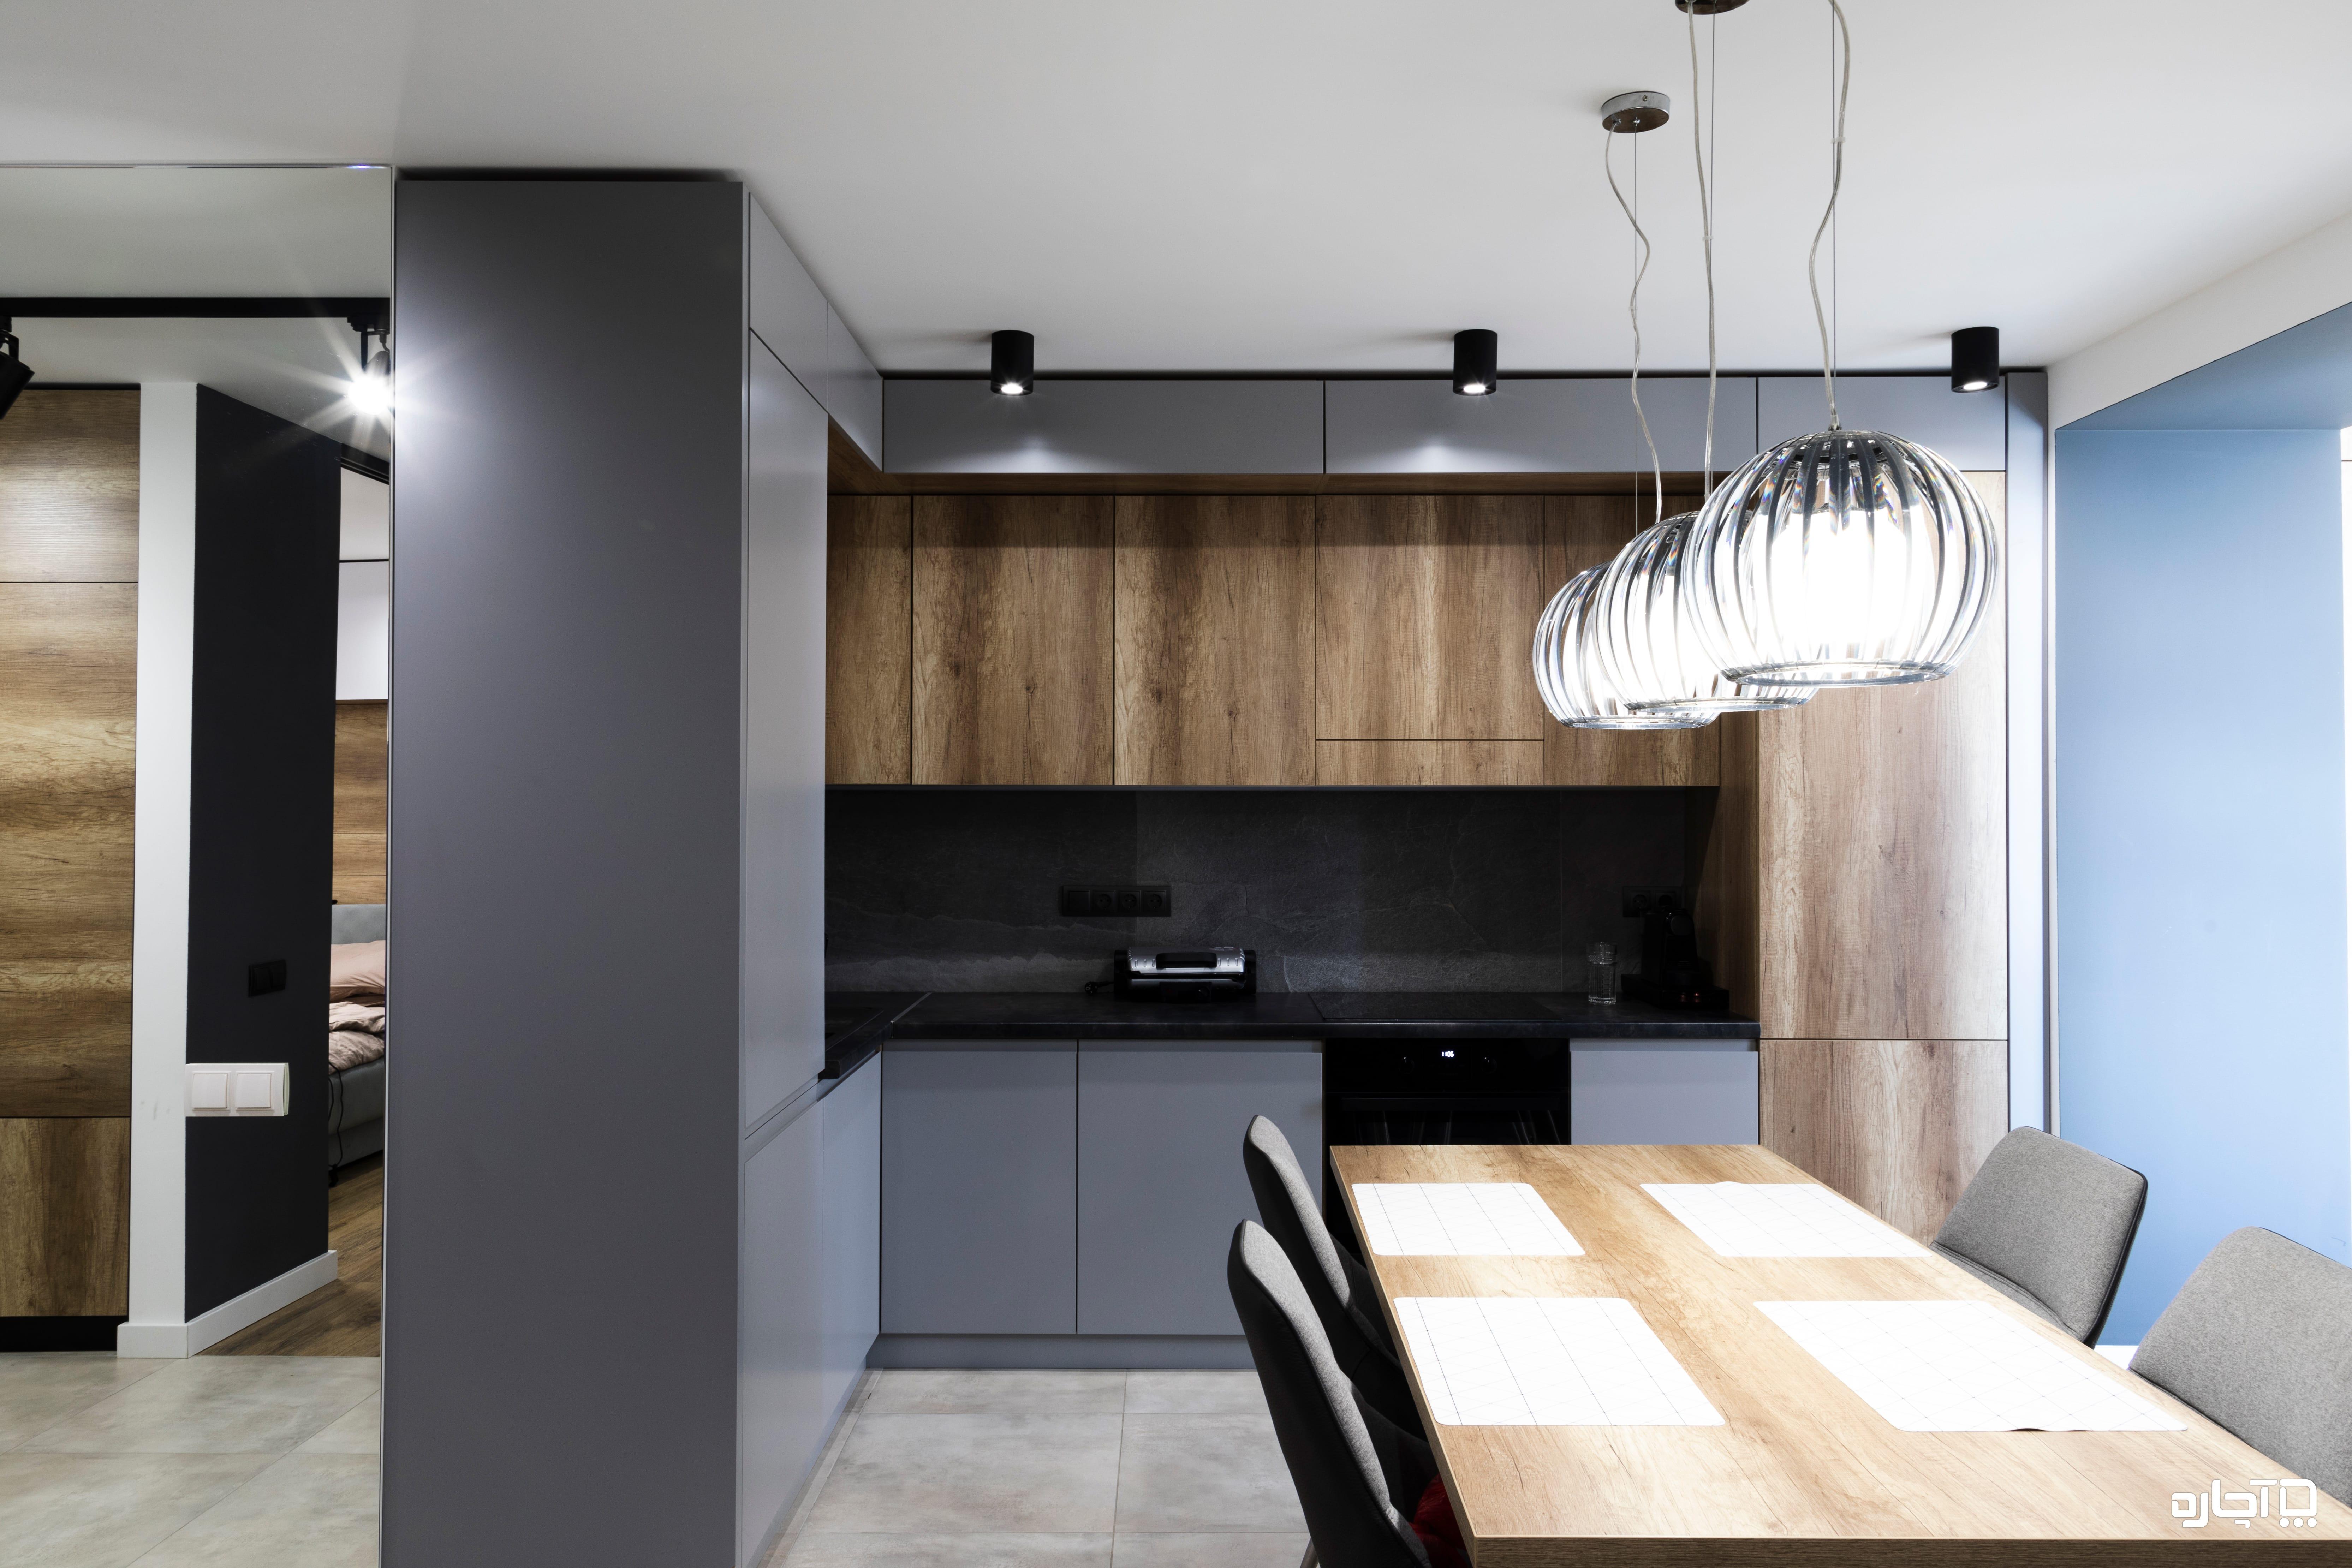 انتخاب رنگ و هزینه ساخت و طراحی کابینت آشپزخانه